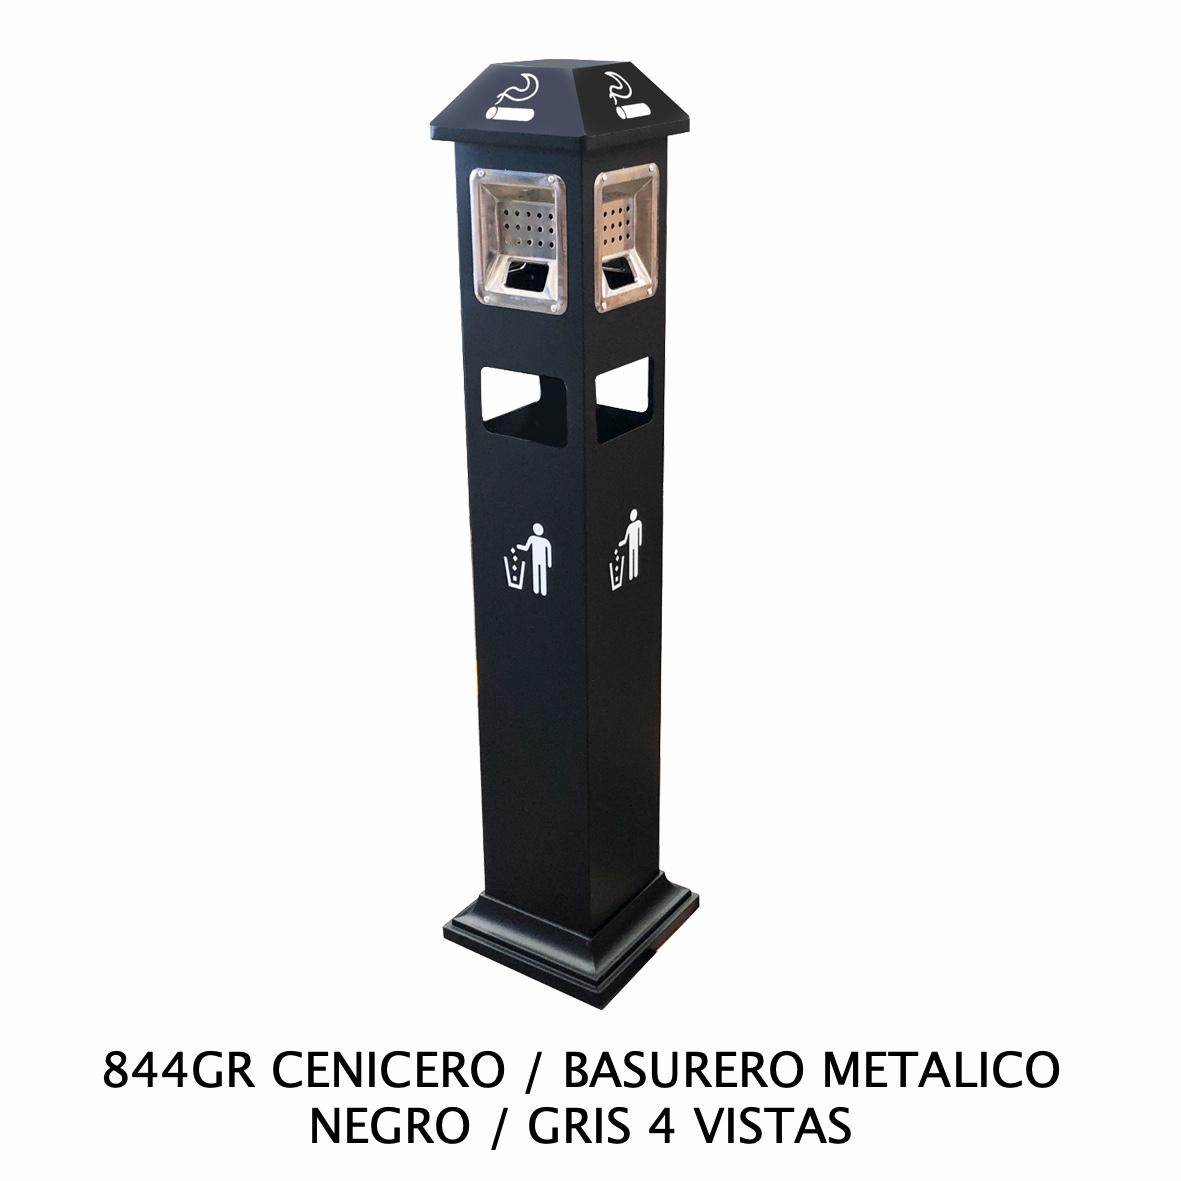 Cenicero y basurero metálico color negro y gris con 4 vistas Modelo 844GR de Sablón